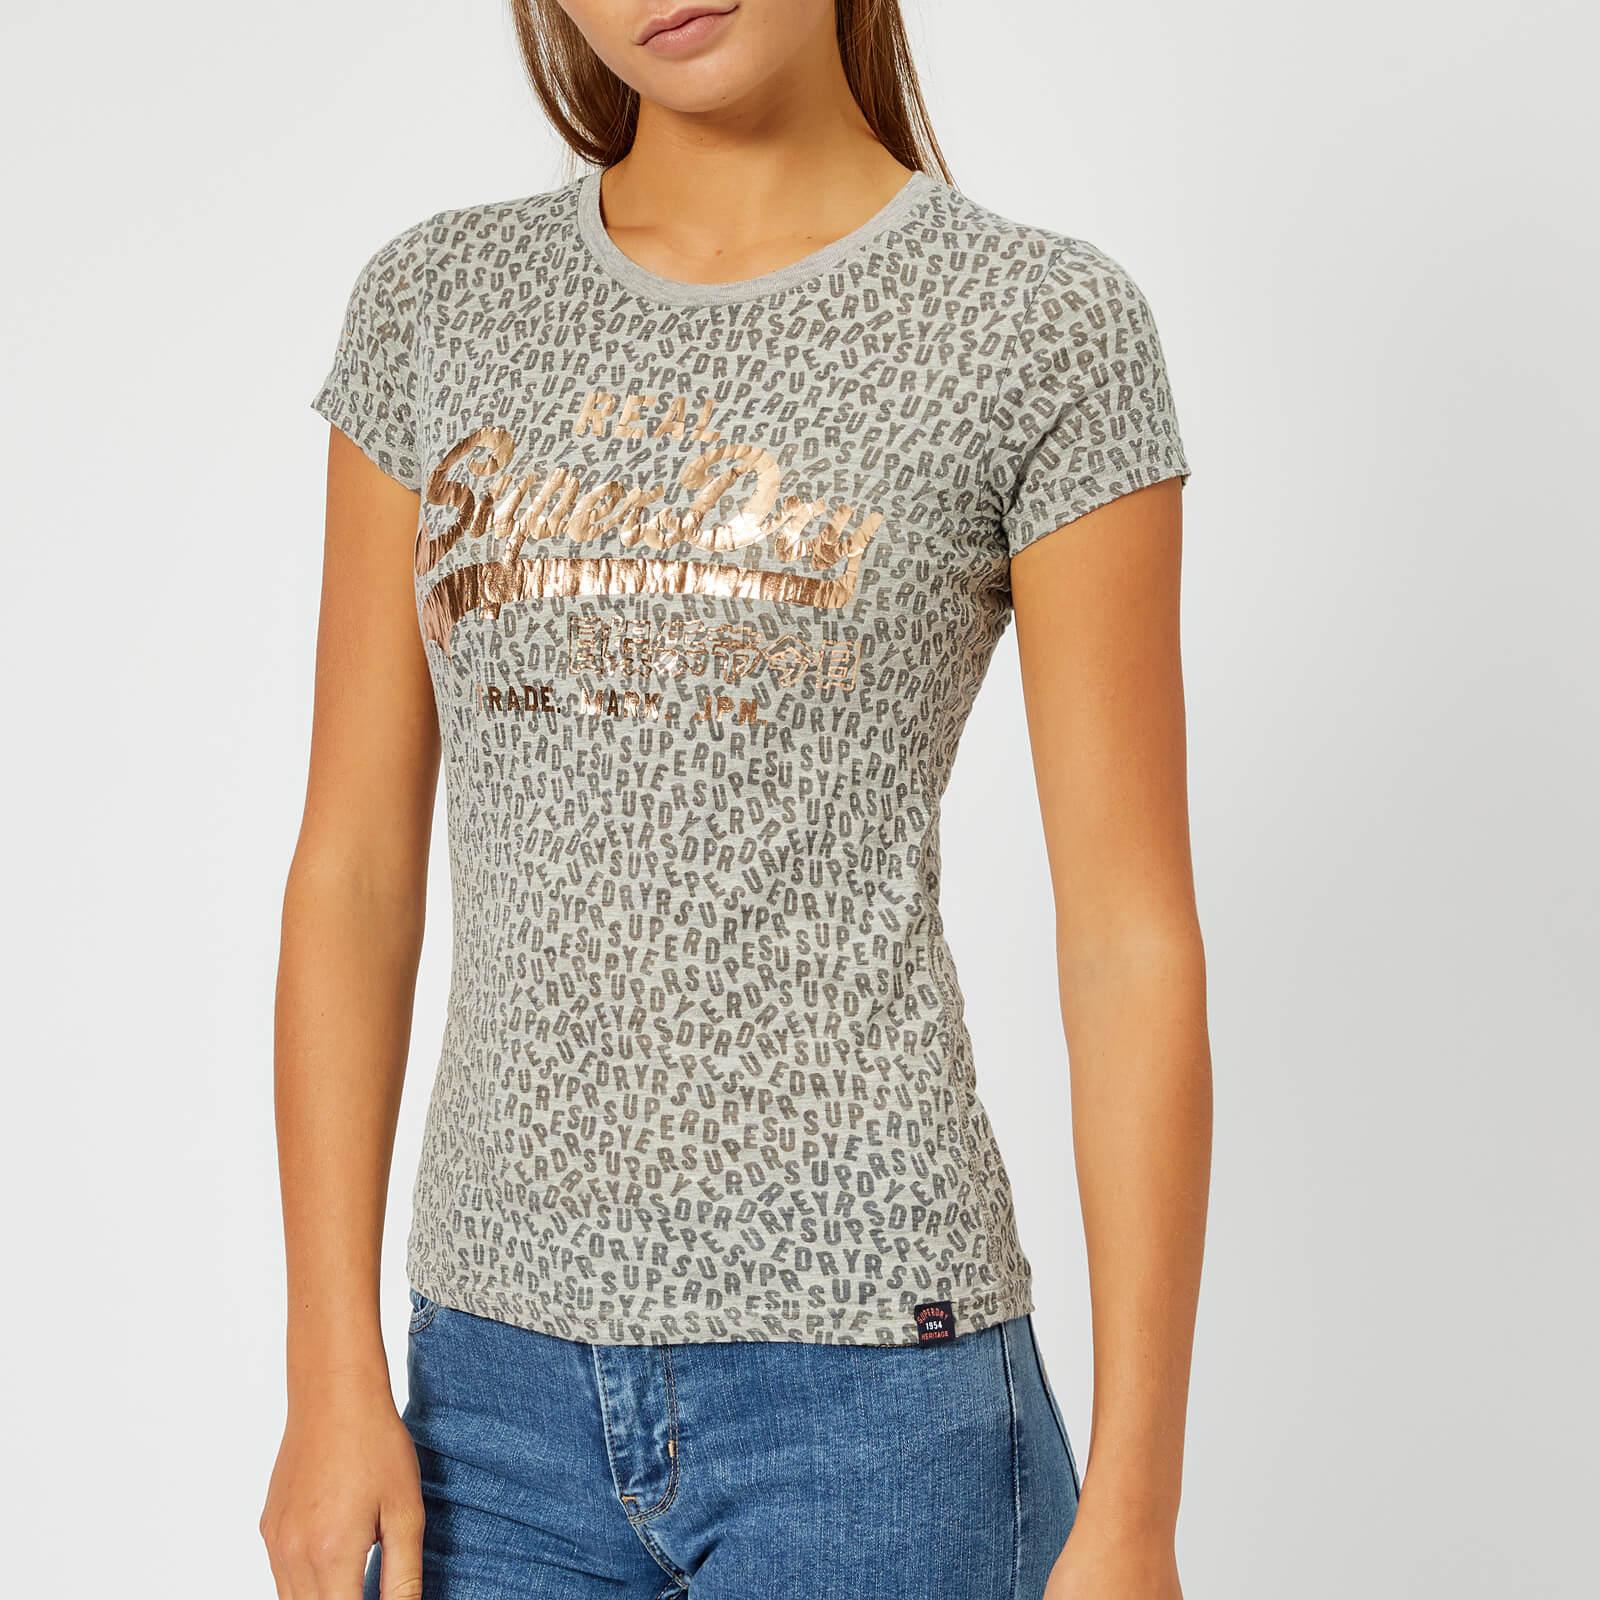 Superdry Women's Vintage Logo Aop Burn Out Entry T-Shirt - Grey Marl - UK 10 - Grey